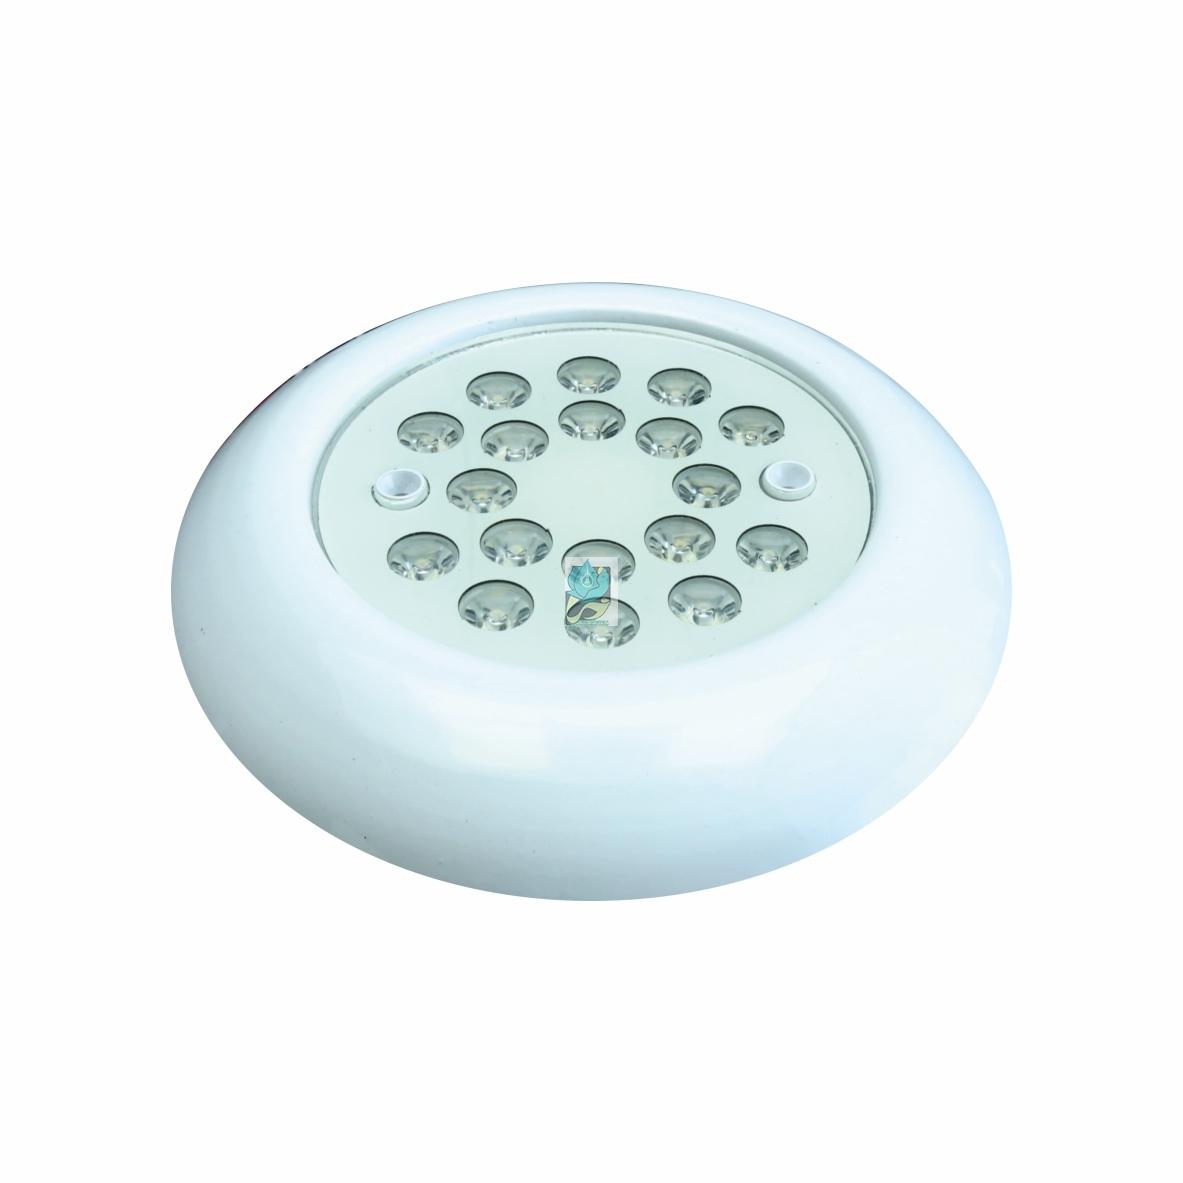 چراغ روکار استخری فلت مولتی کالر 18 وات 12 ولت مدل 18RRM - چراغ روکار استخری فلت - چراغ روکار استخری مولتی کالر - چراغ روکار استخری فلت مولتی کالر